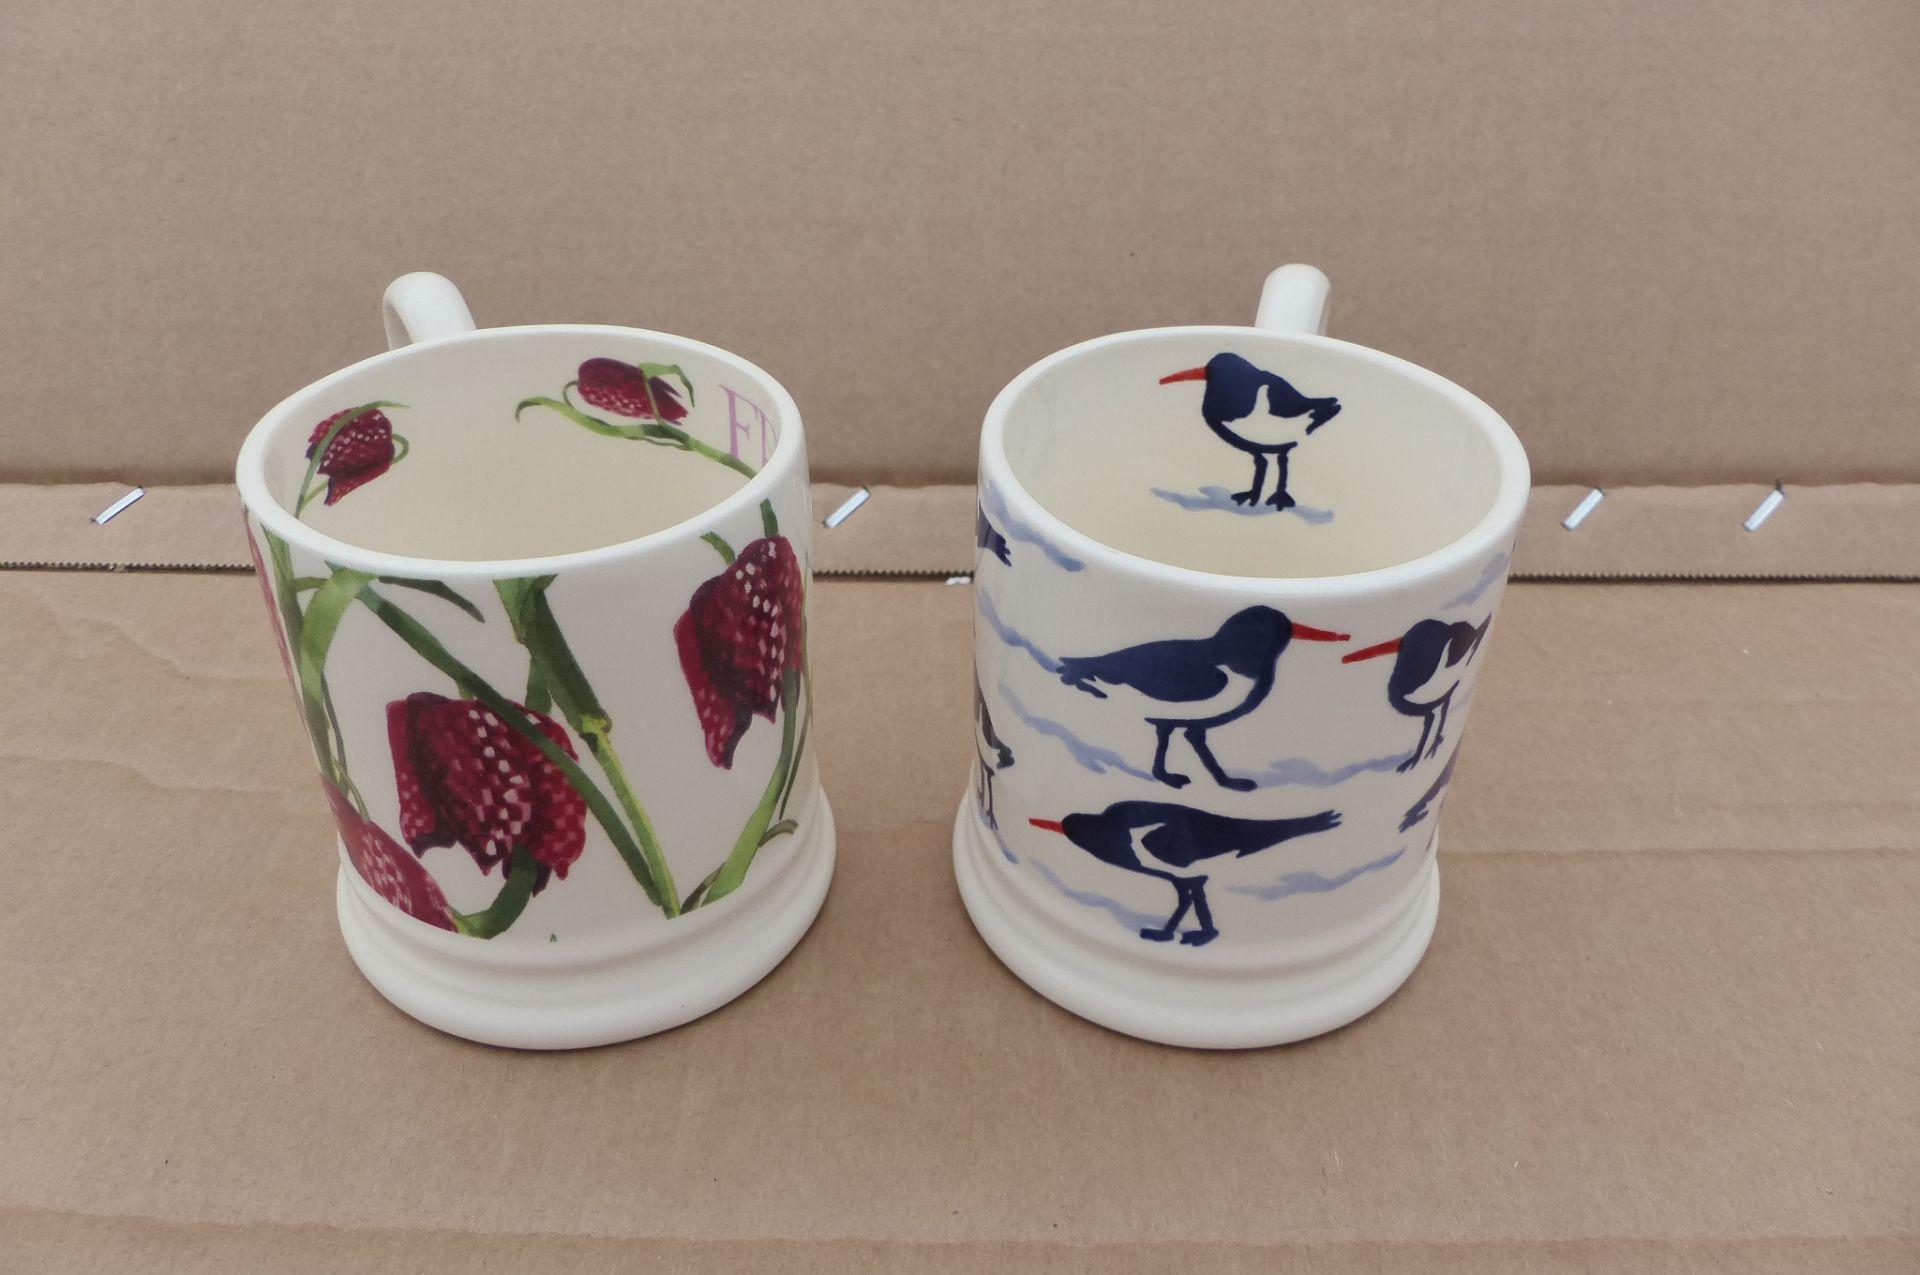 2 Emam Bridgewater mugs